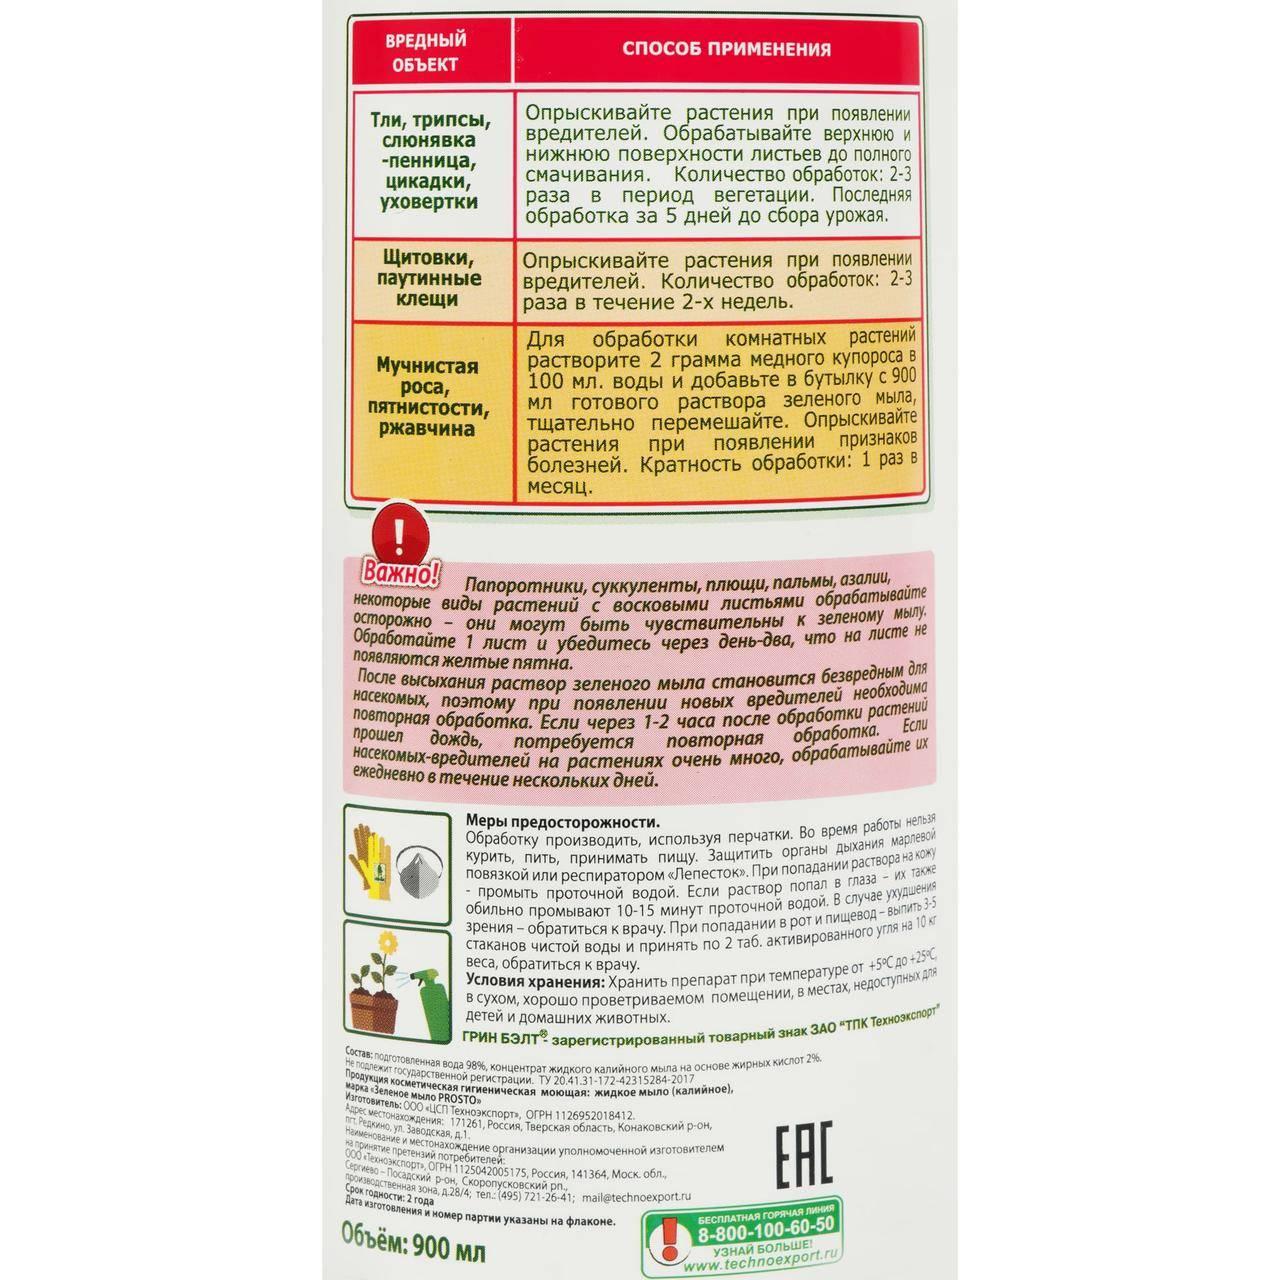 Зеленое мыло против тли - отзывы и правильная обработка